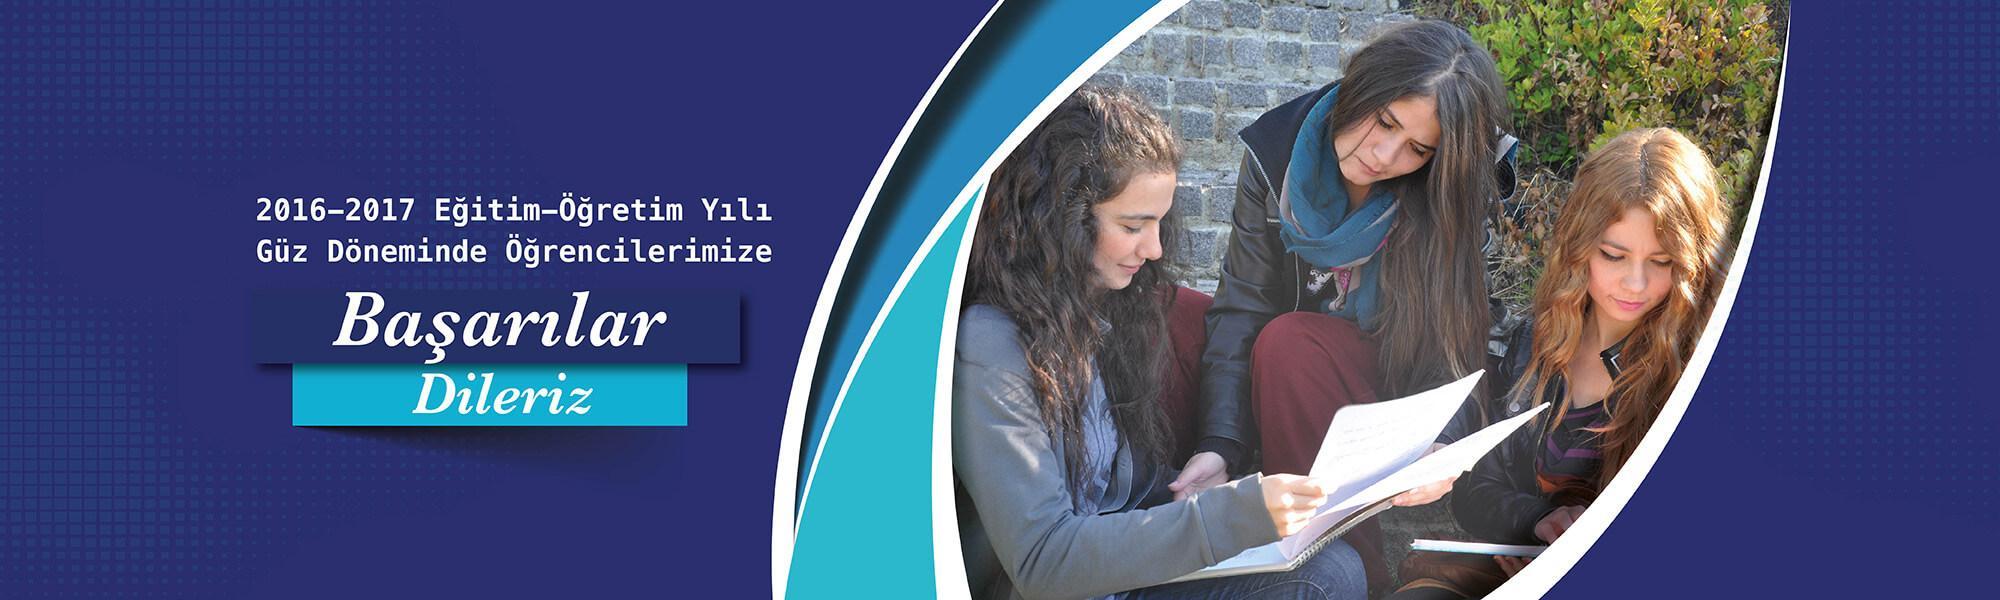 2016-2017 Eğiitim Öğretim Yılında Öğrencilerimize Başarılar Dileriz